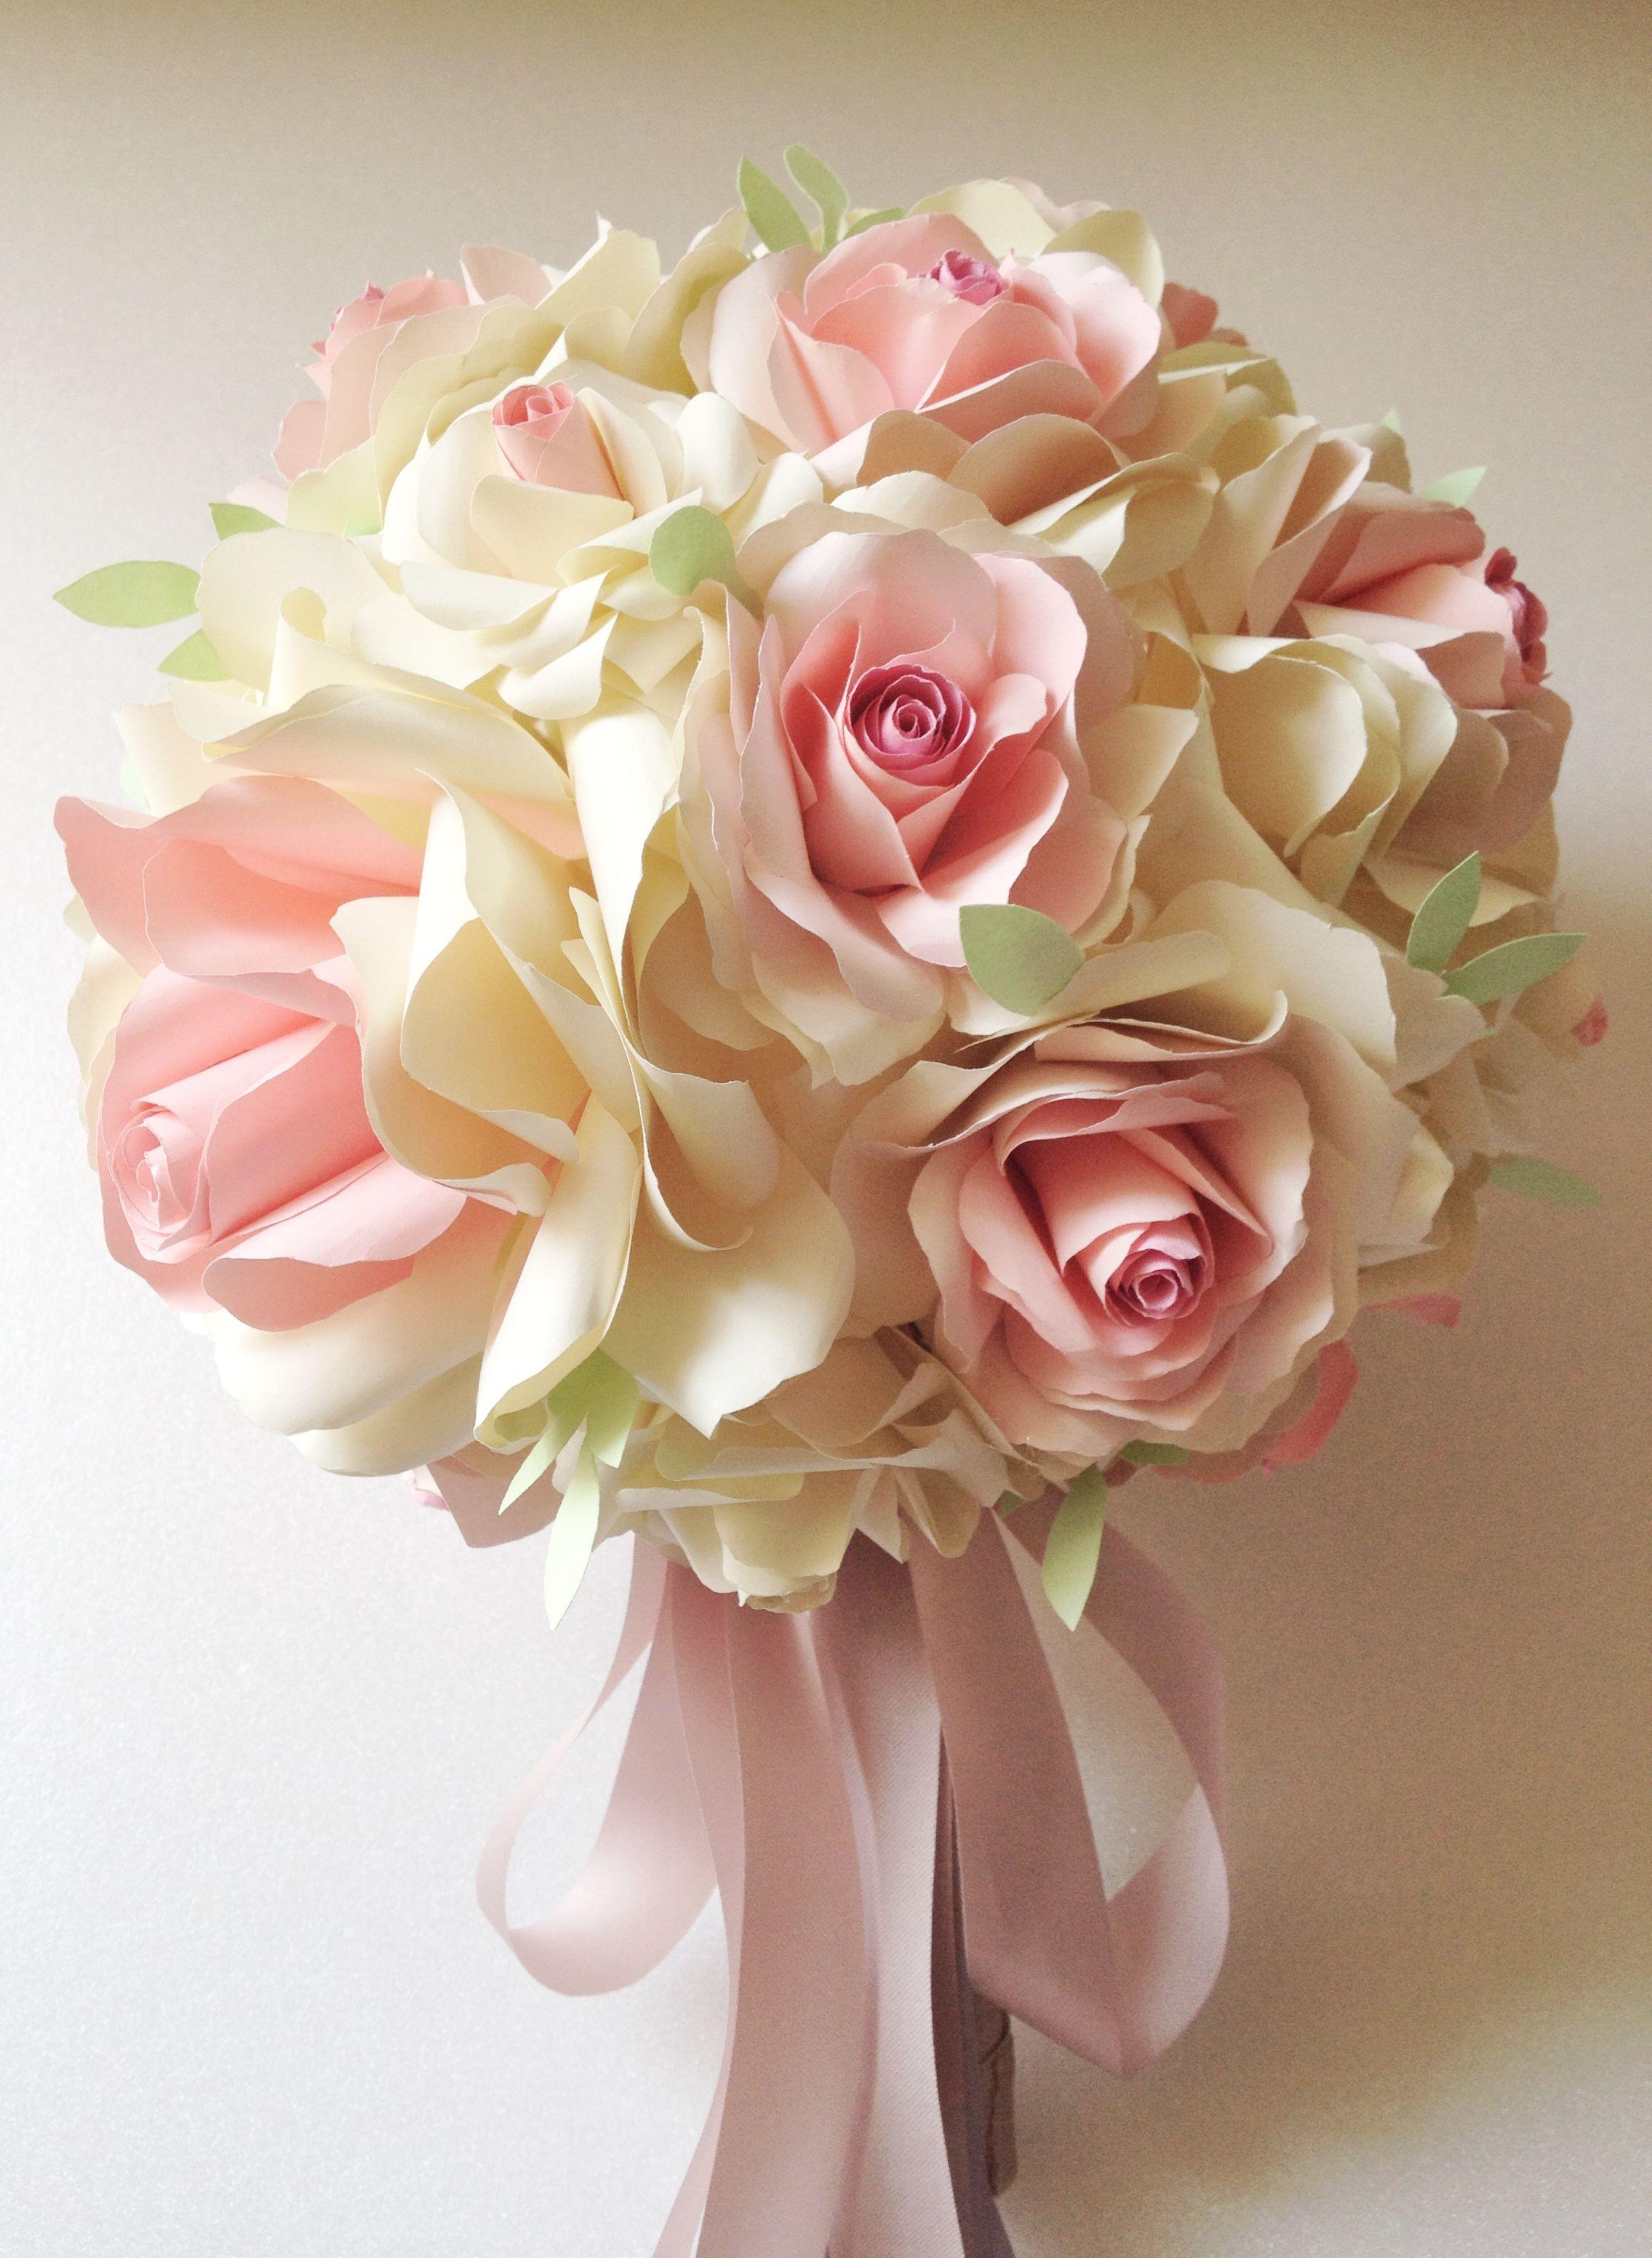 Wedding paper flower bouquet bouquet pinterest wedding paper wedding paper flower bouquet izmirmasajfo